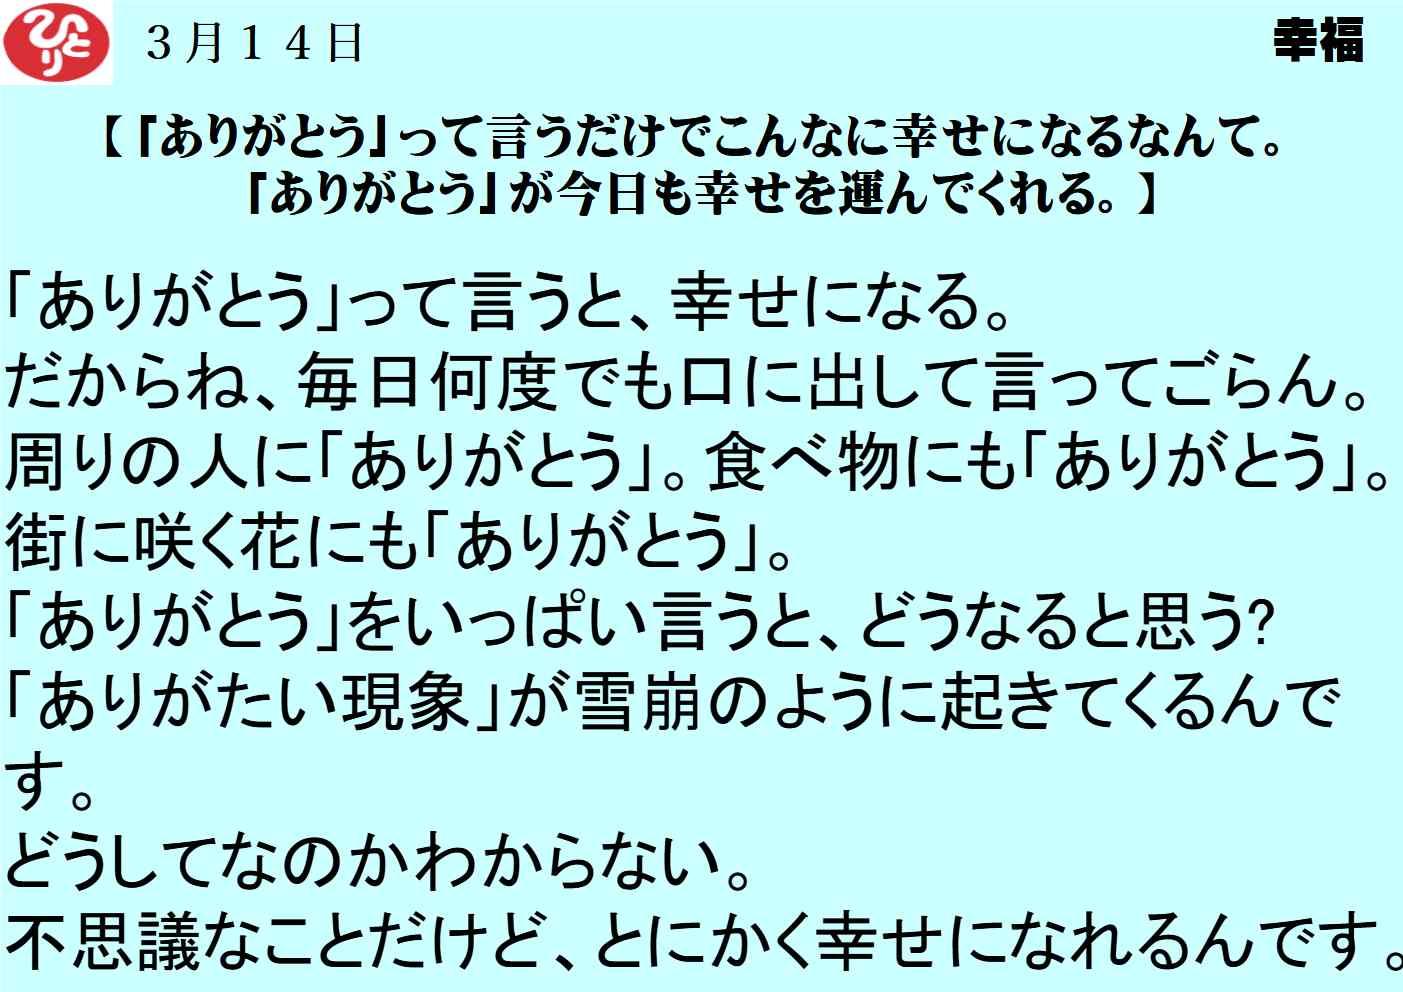 3月14日 「ありがとう」って言うだけでこんなに幸せになるなんて。「ありがとう」が今日も幸せを運んでくれる。 一日一語斎藤一人 幸福